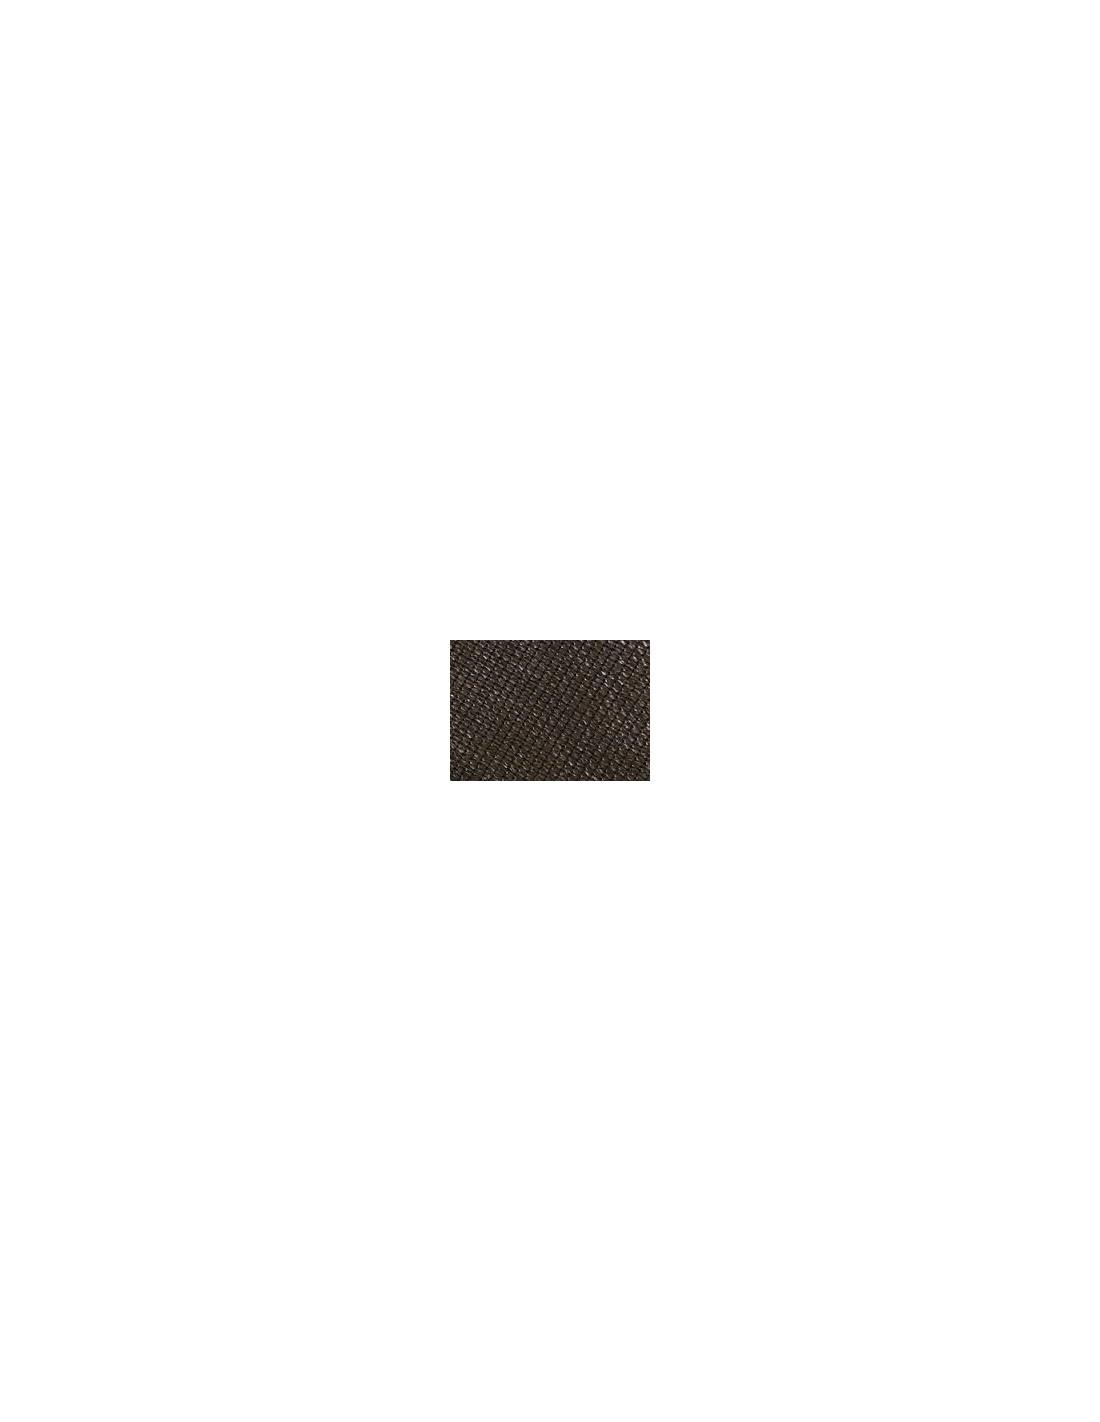 Mini rollo malla ocultacion total 2 x 10 color brezo - Malla ocultacion total ...